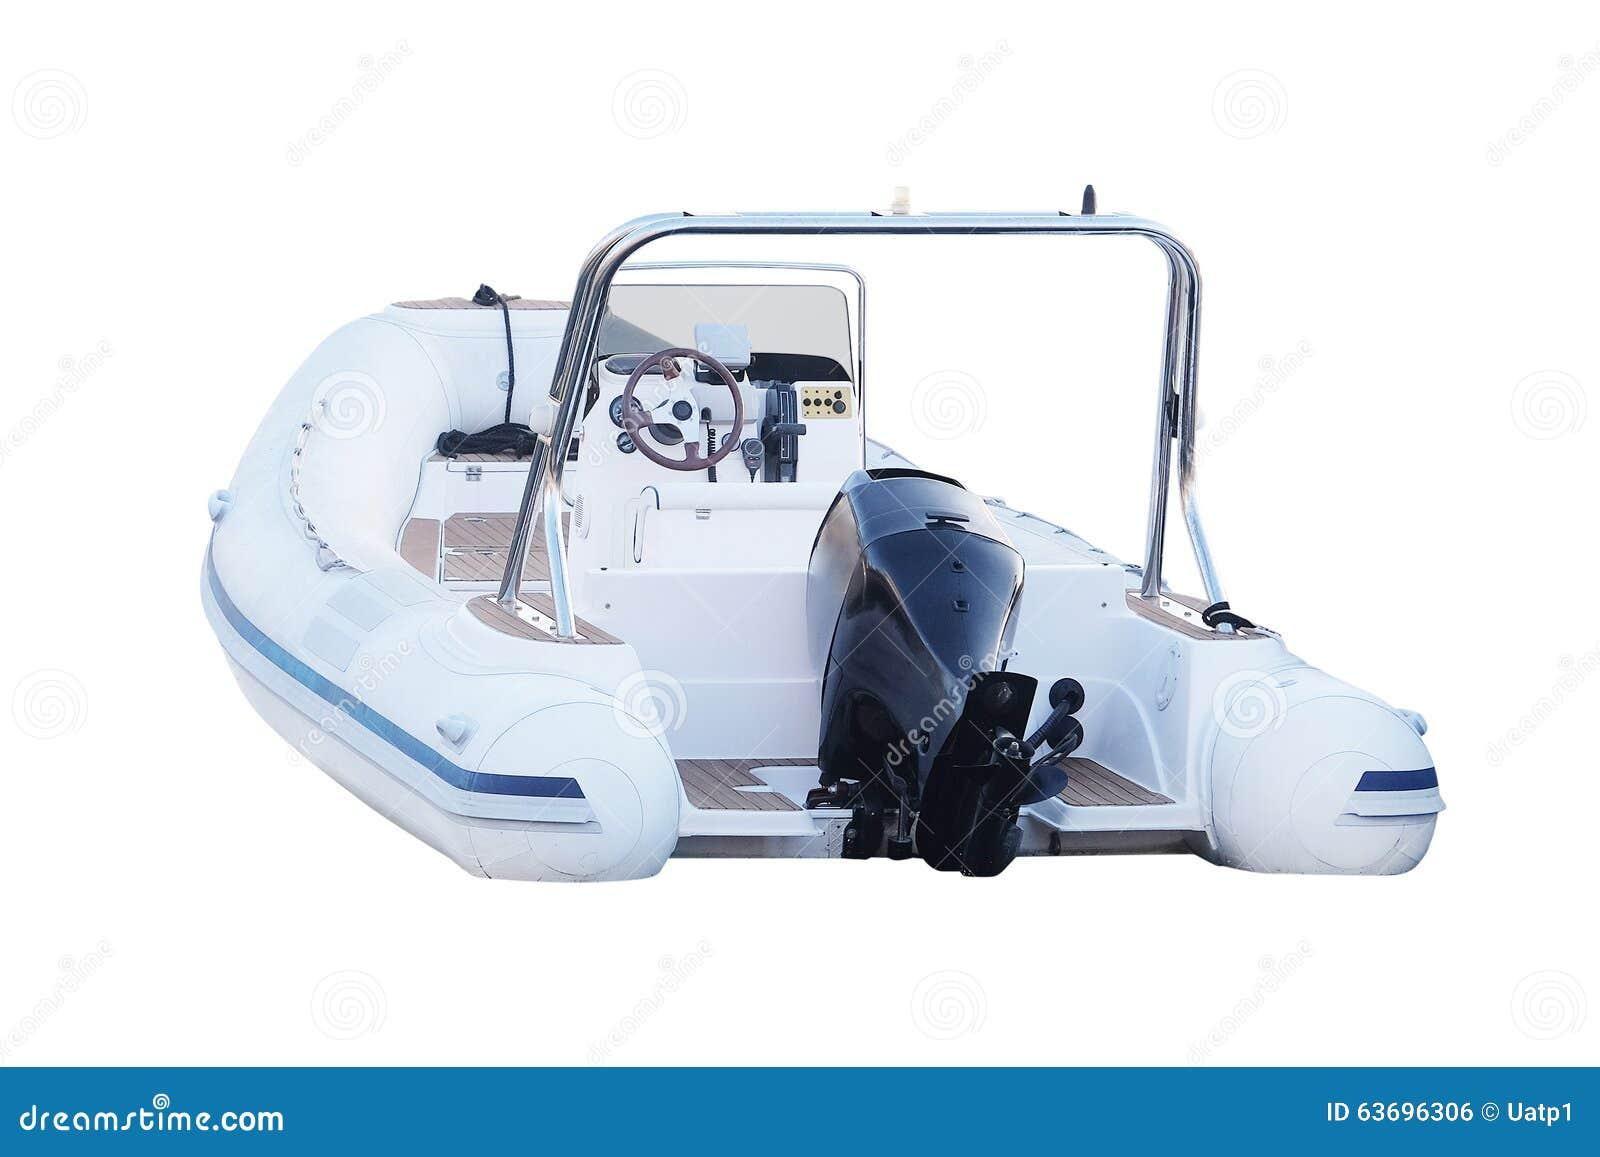 Motor Boat Isolated On White Background Stock Image